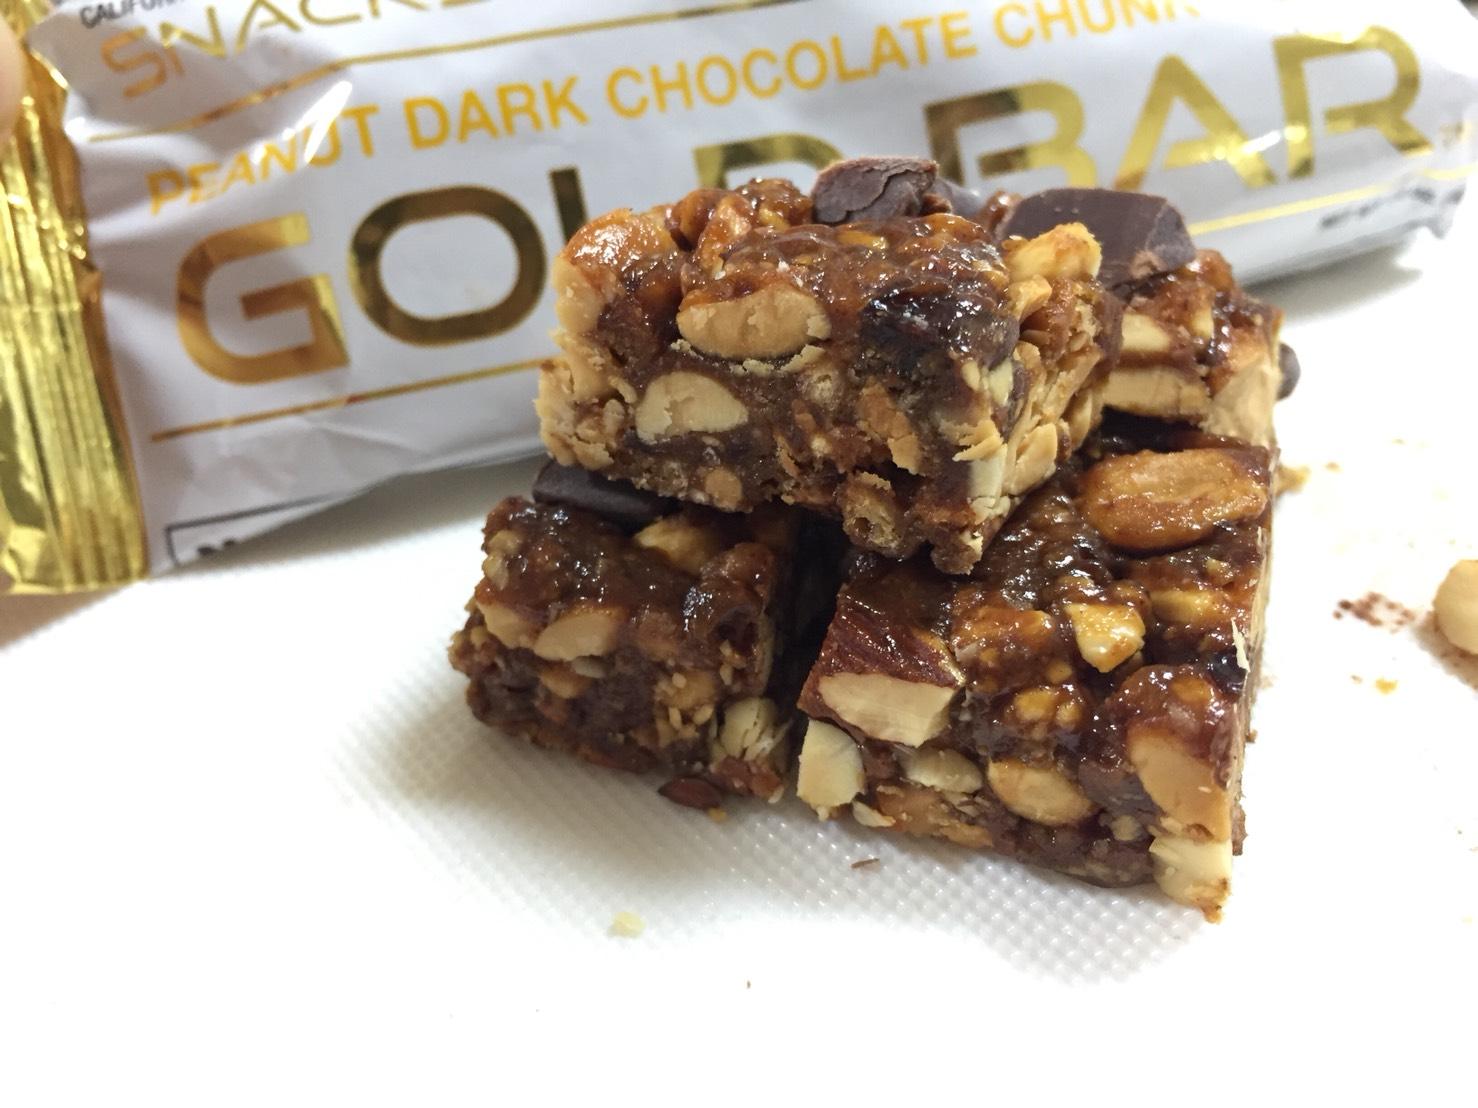 ピーナッツダークチョコレートクランチ味の側面と断面